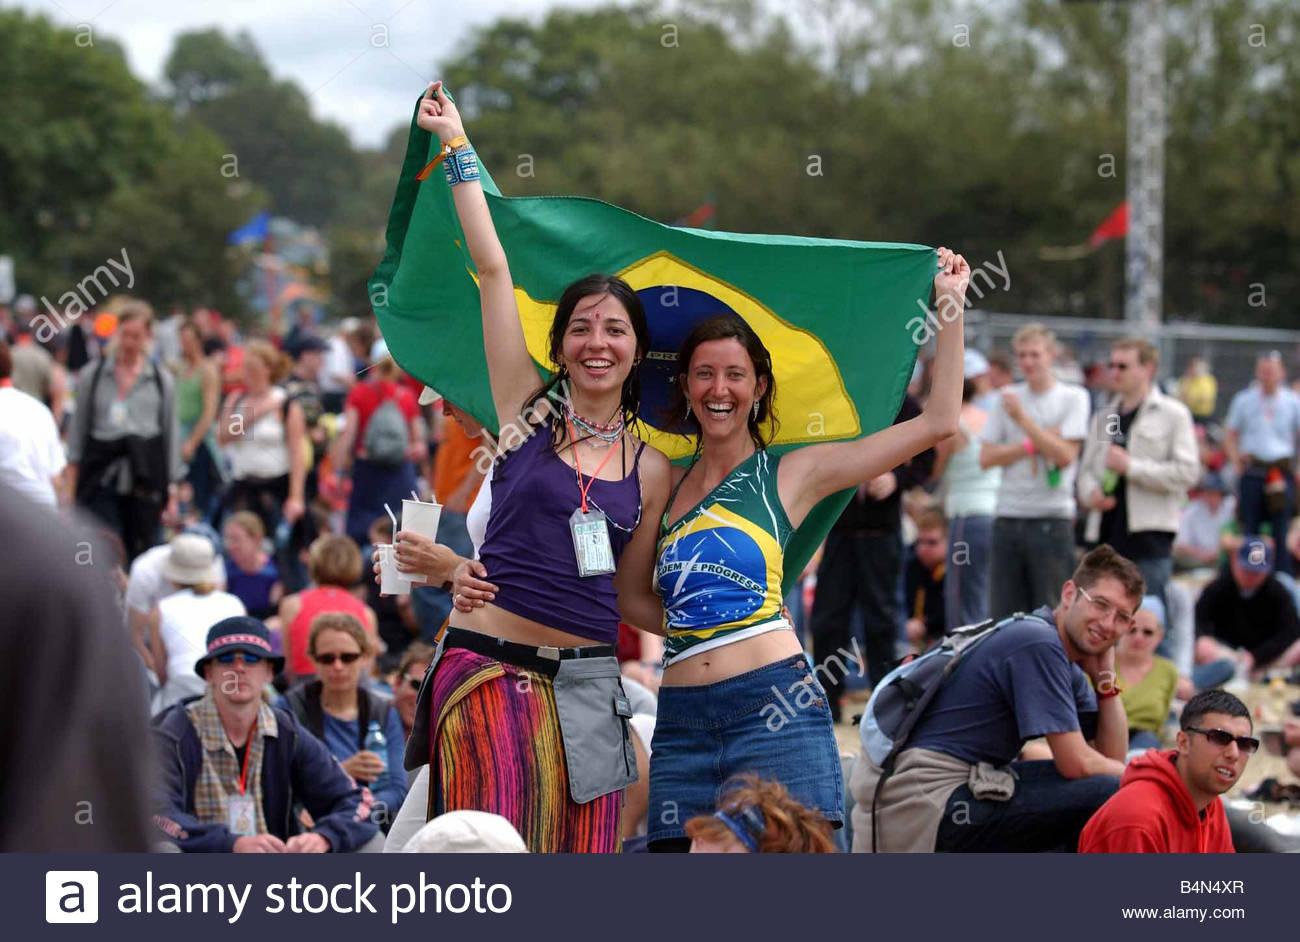 Festivals Glastonbury Festival Juni 2002 Michelle Mascareahas und Graziela Taillaed aus Brasilien feiern den World Stockbild